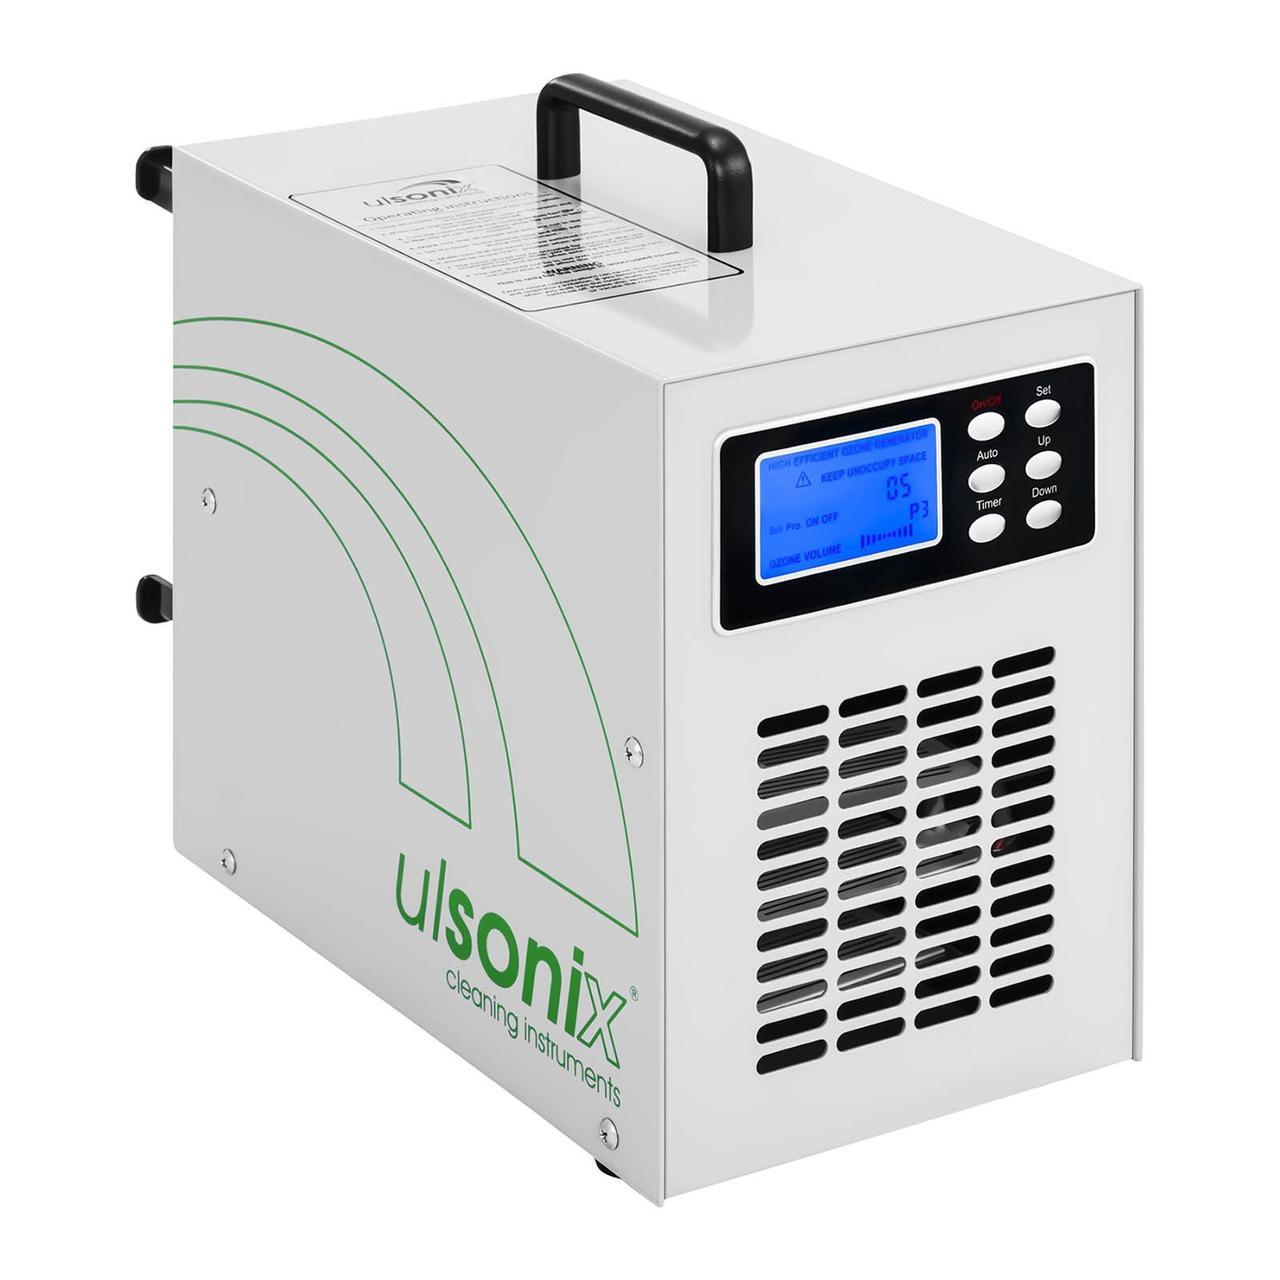 Генератор озону - 20000 мг / год - 205 Вт - ЖК-дисплей Ulsonix